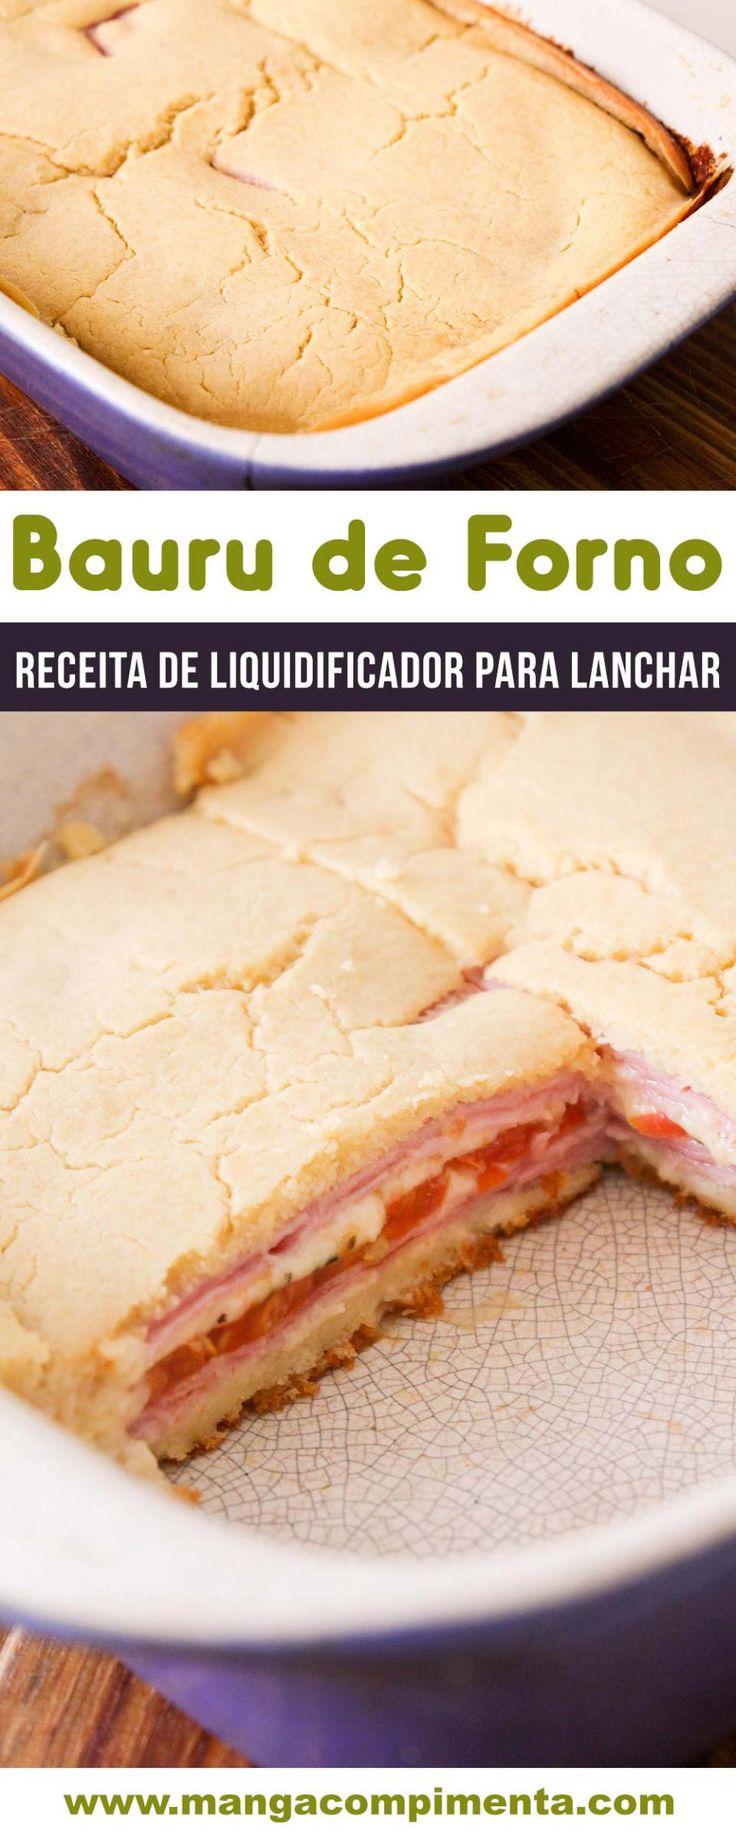 Bauru de Forno - uma deliciosa torta de liquidificador para lanchar com a família! #receita #comida #lanche #tortadeliquidificador